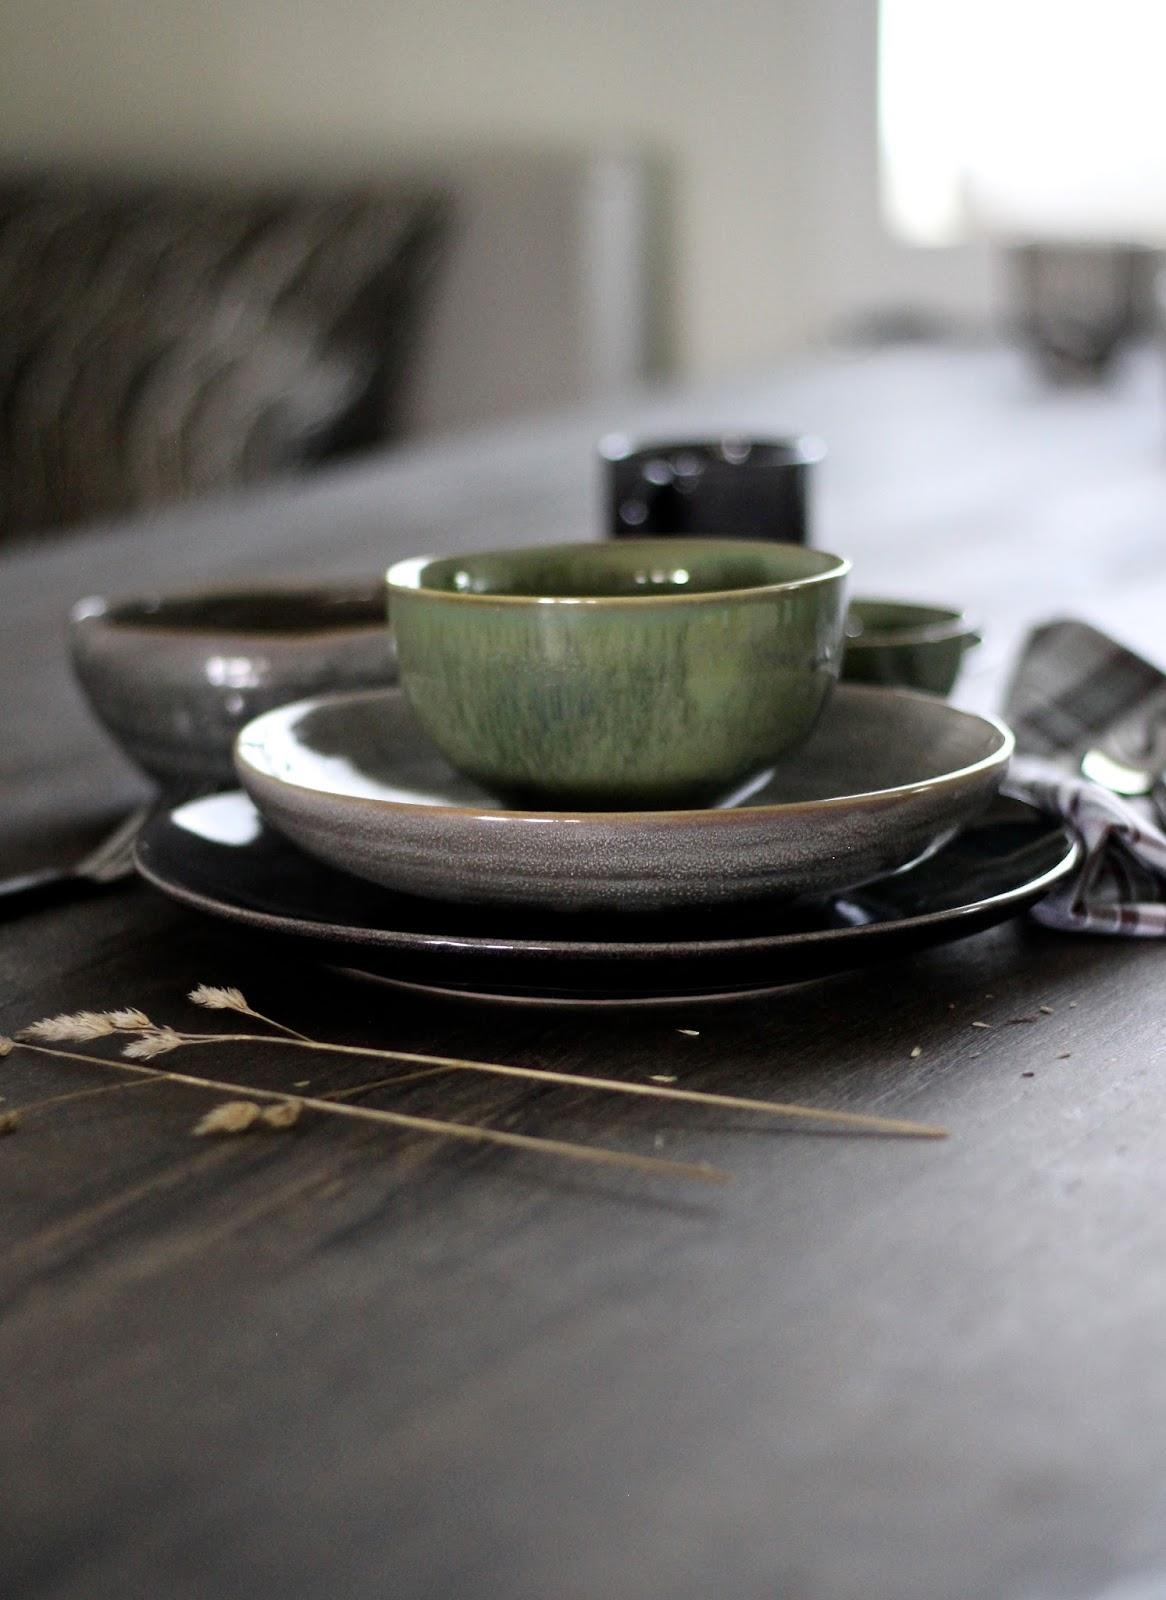 Blogg Home and Cottage: Sobre høstfavoritter